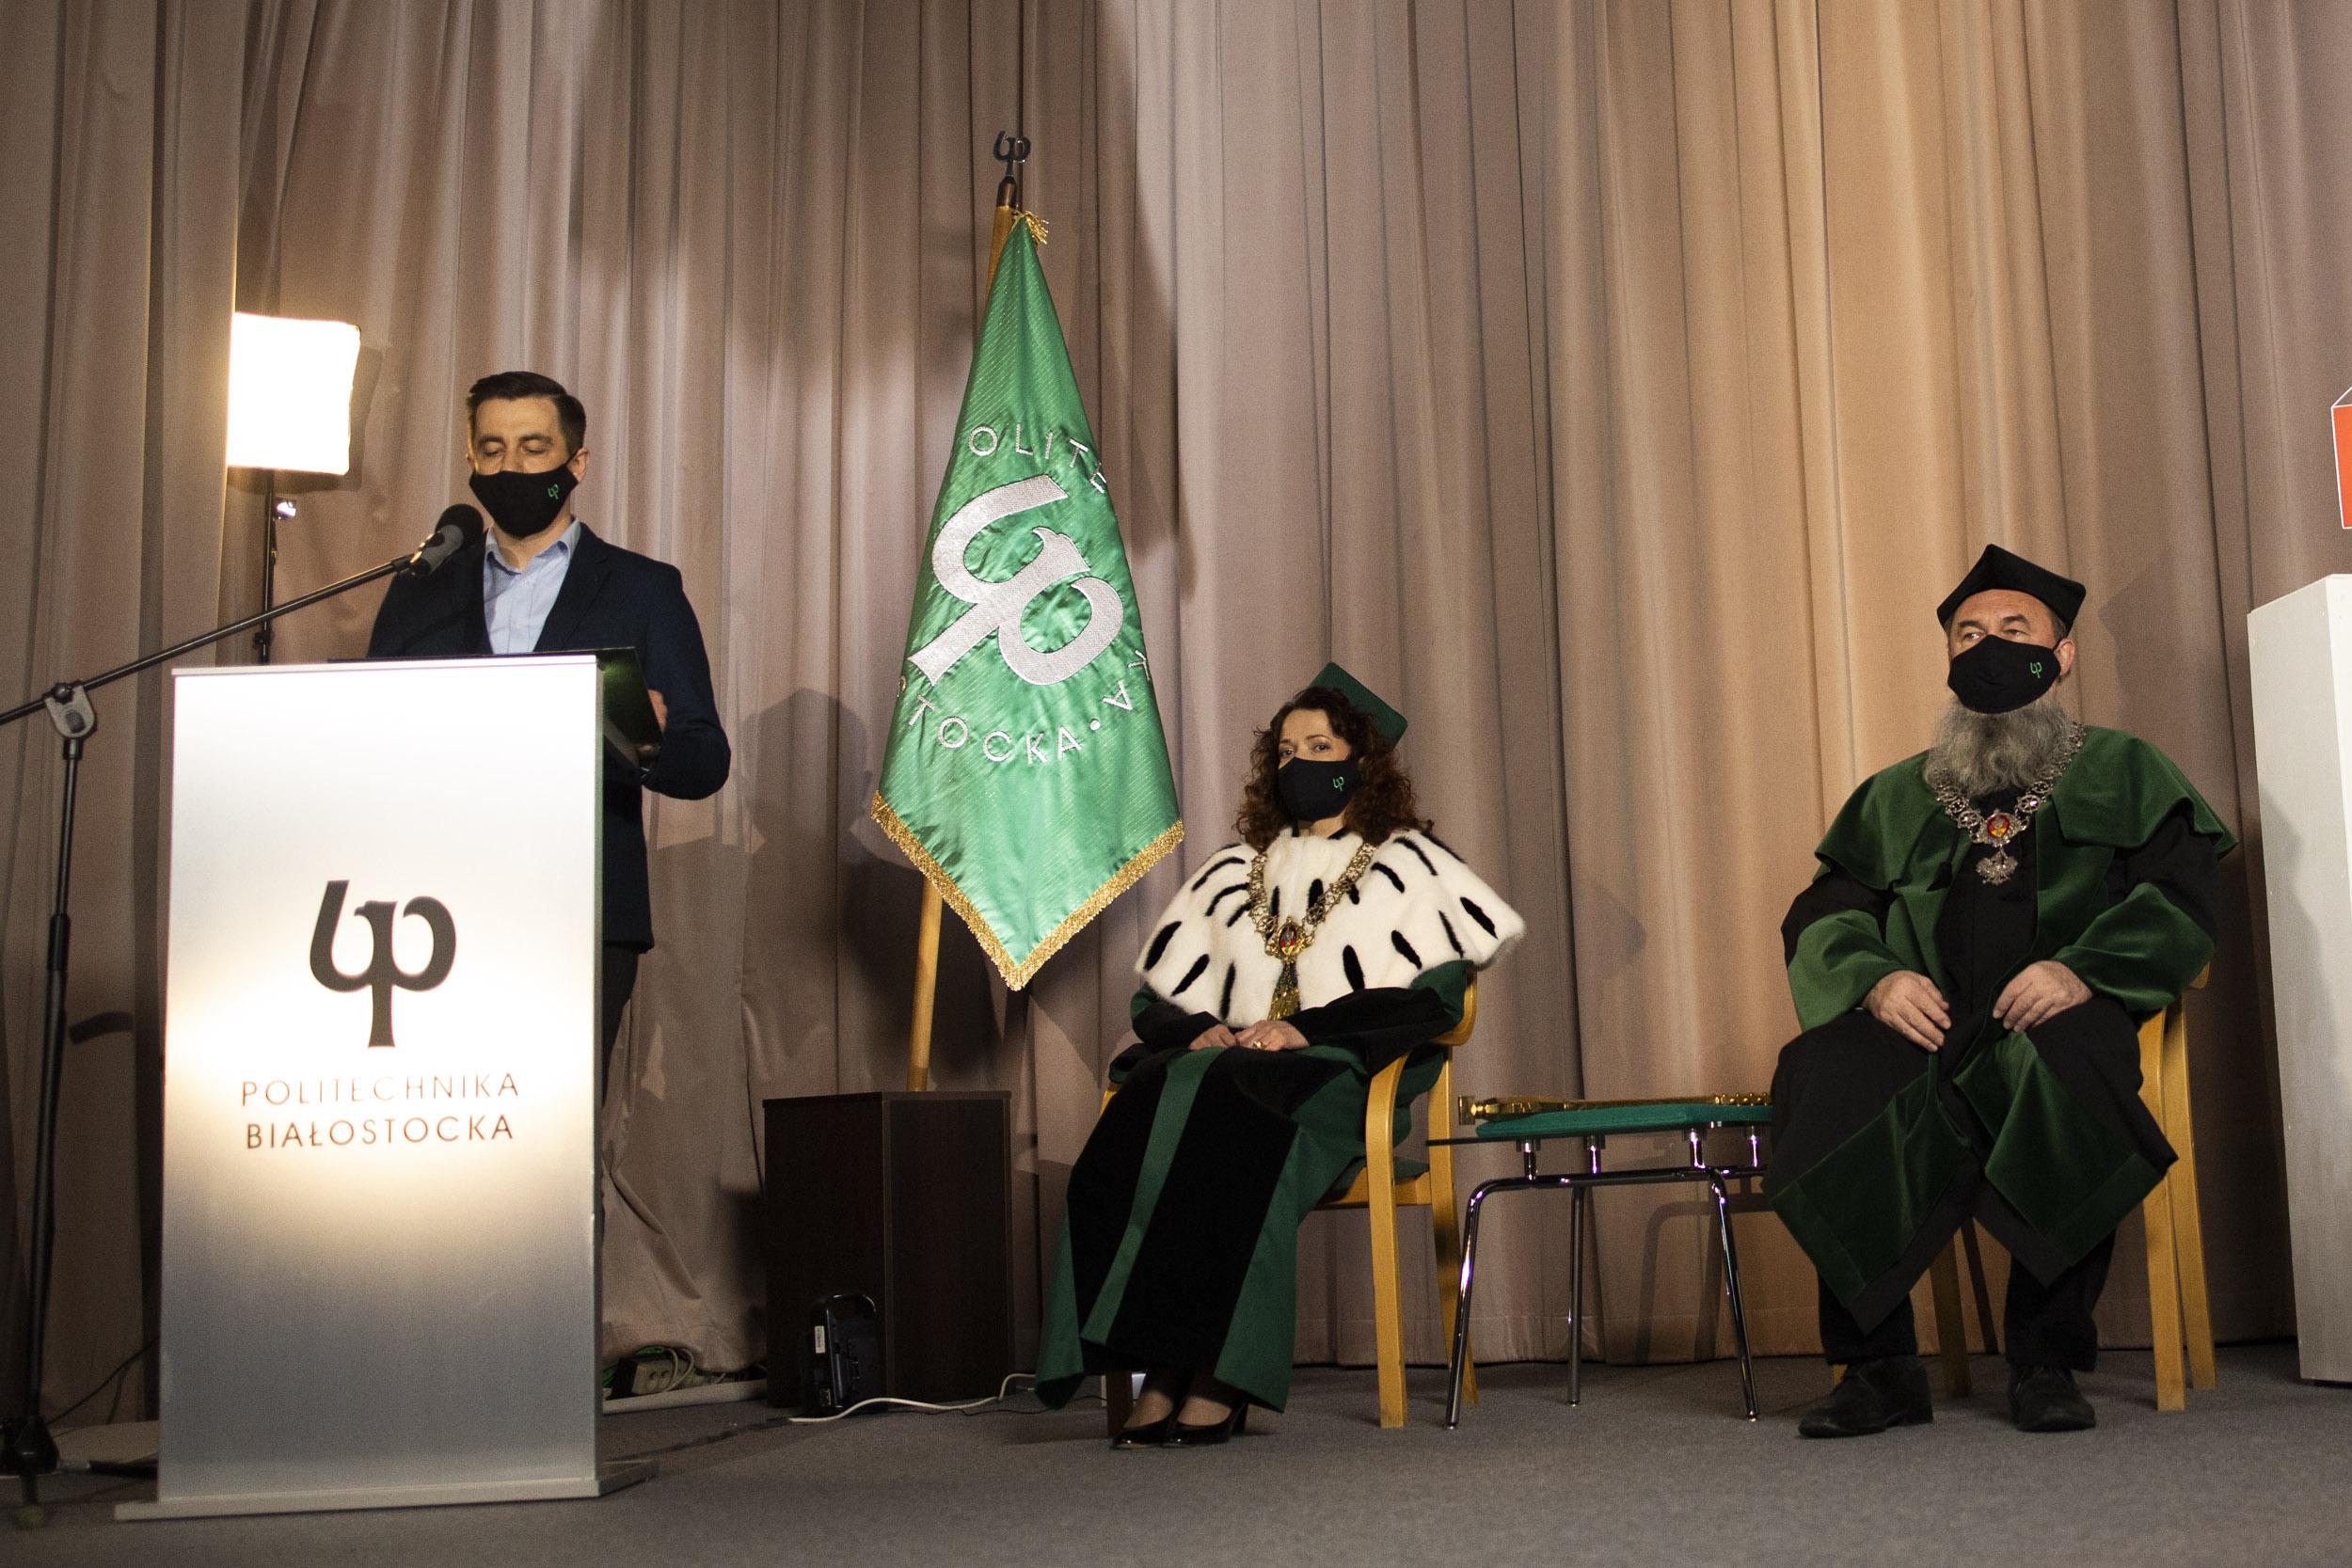 Relacja z wydarzenia Honorowy Profersor. fot. 9